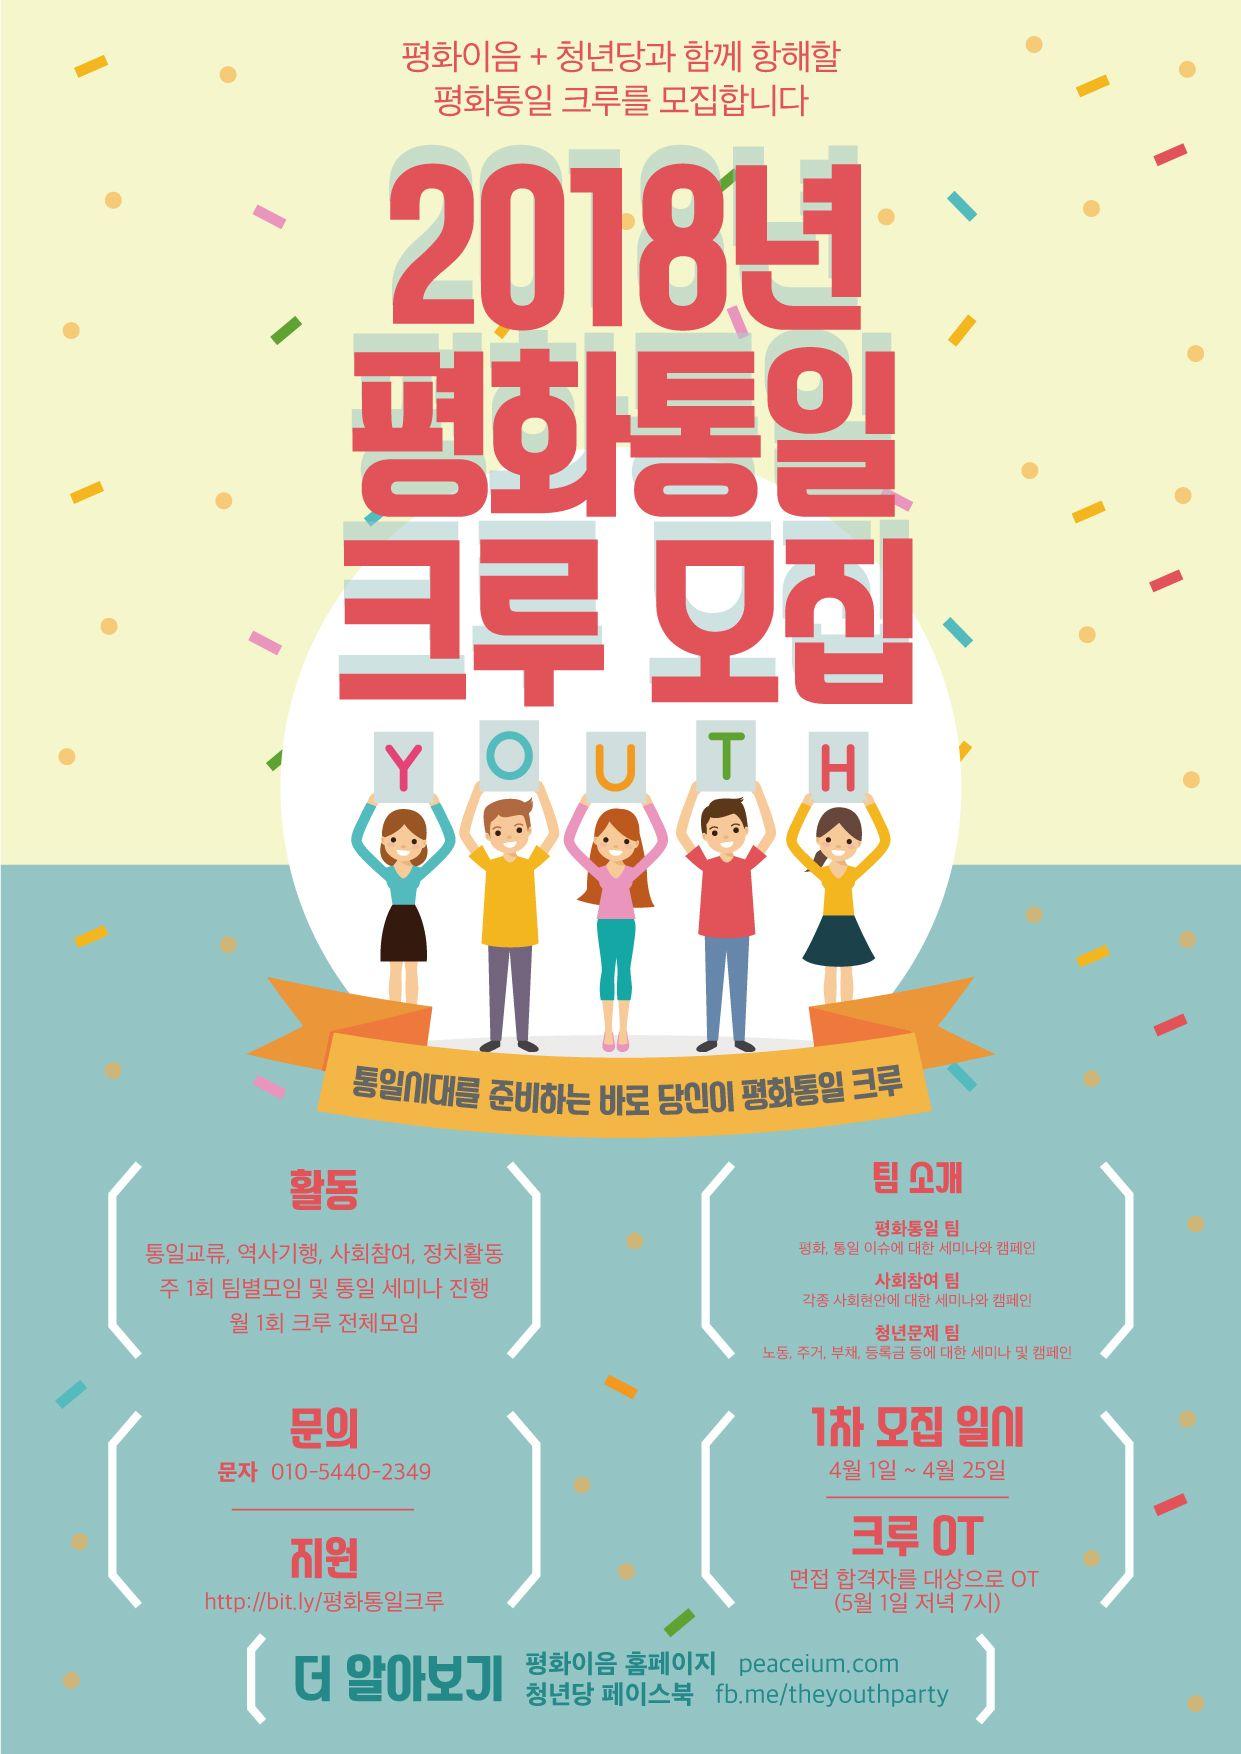 [함께만드는 통일세상 평화이음] 2018년 평화통일 크루 모집